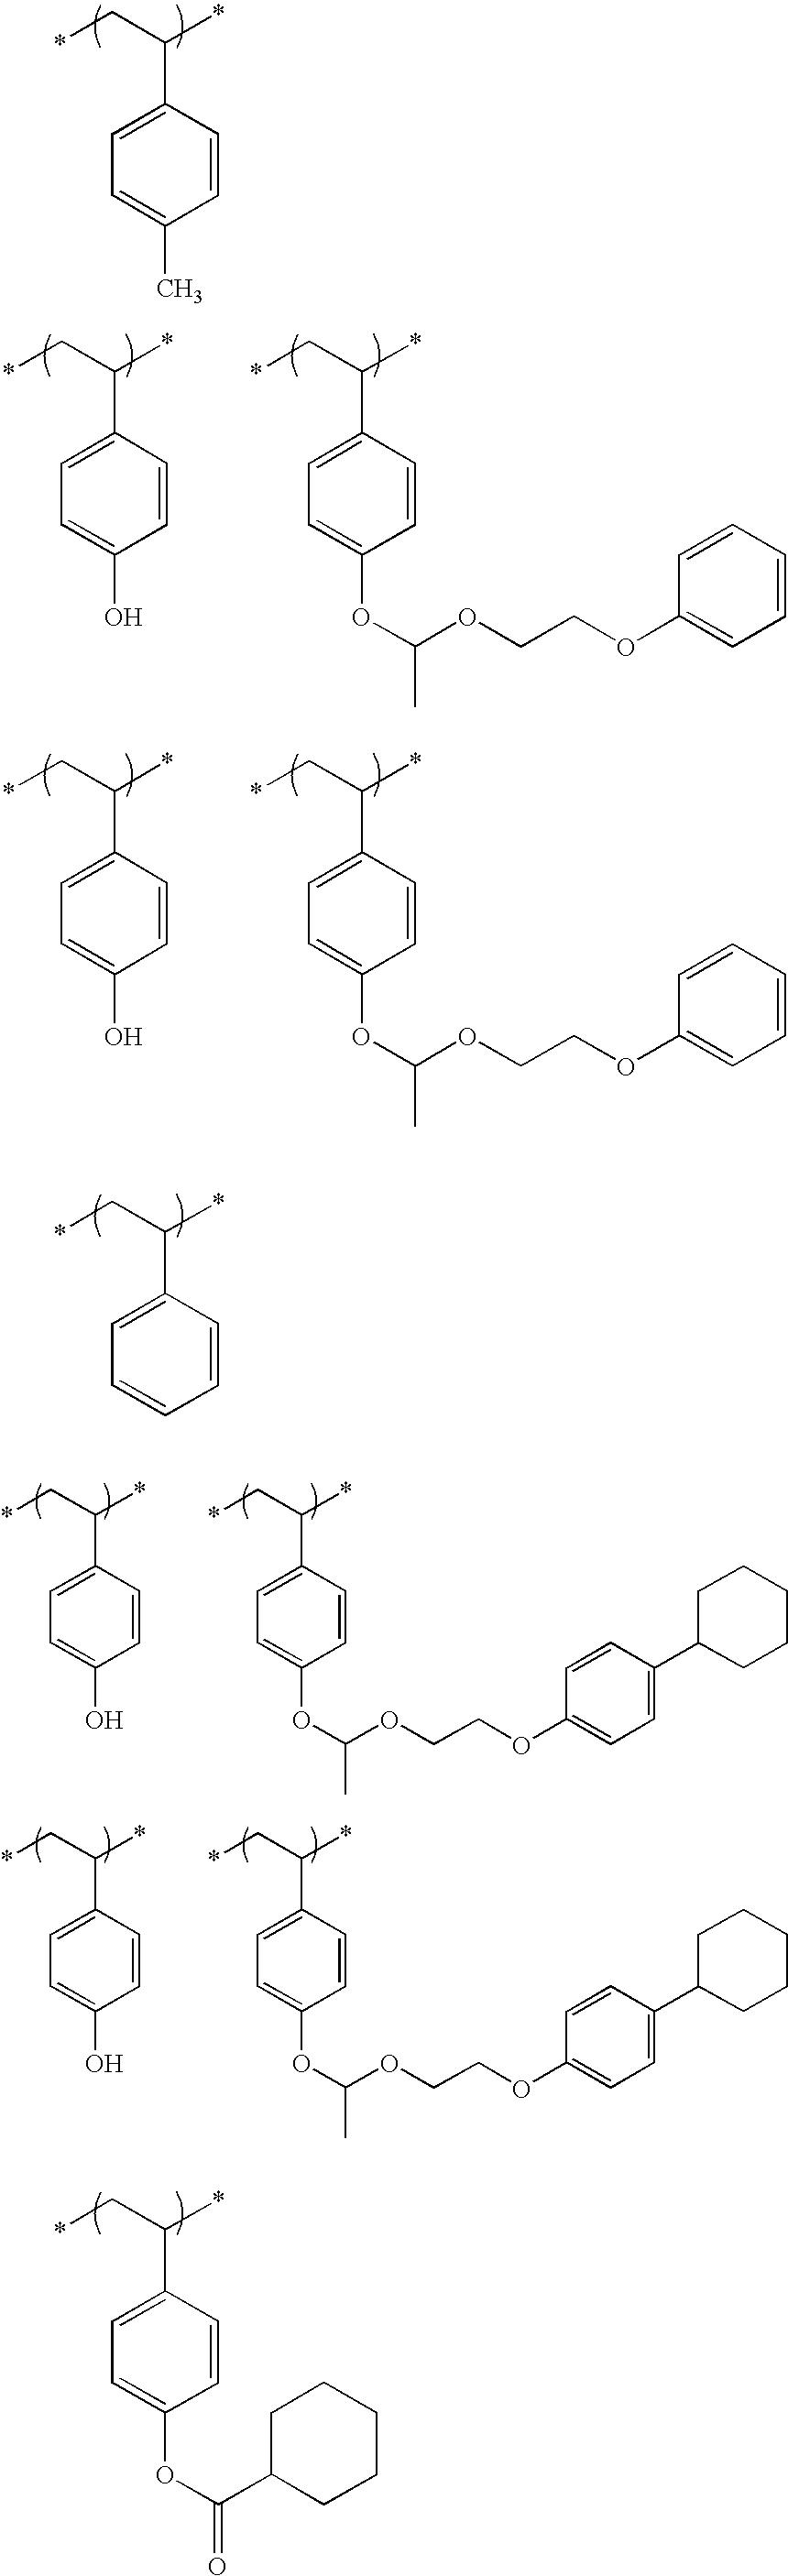 Figure US08852845-20141007-C00213